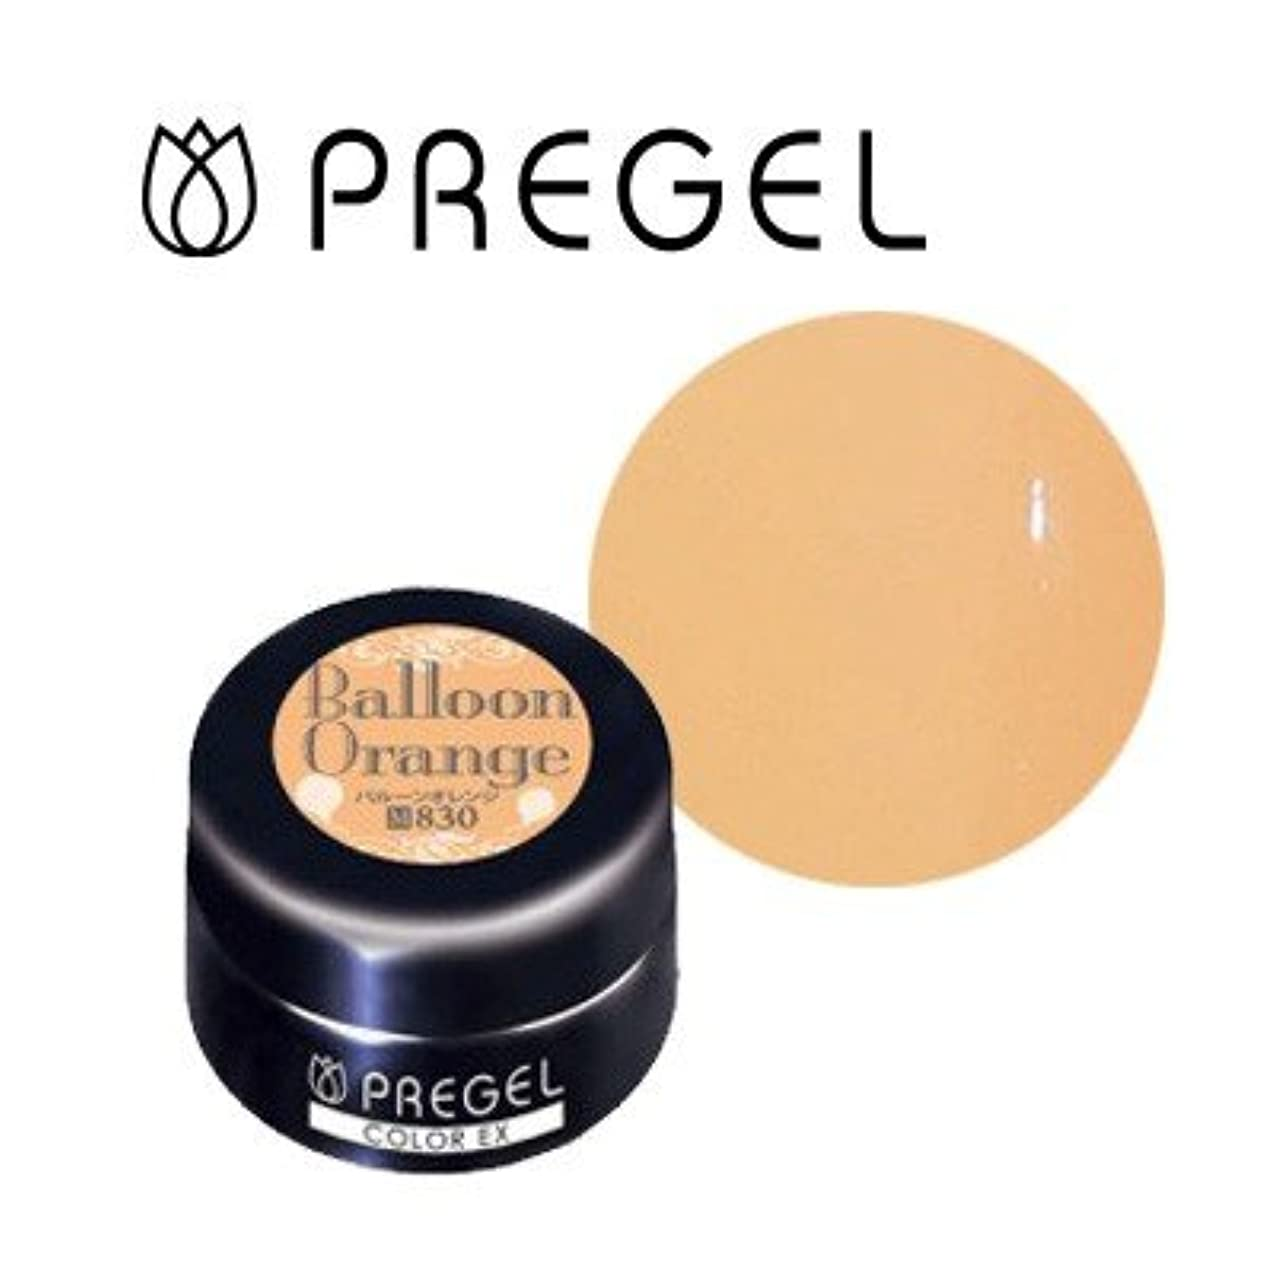 ヒギンズ同情品揃えプリジェル カラーEX フェミニンシリーズ バルーンオレンジ PG-CE830 3g